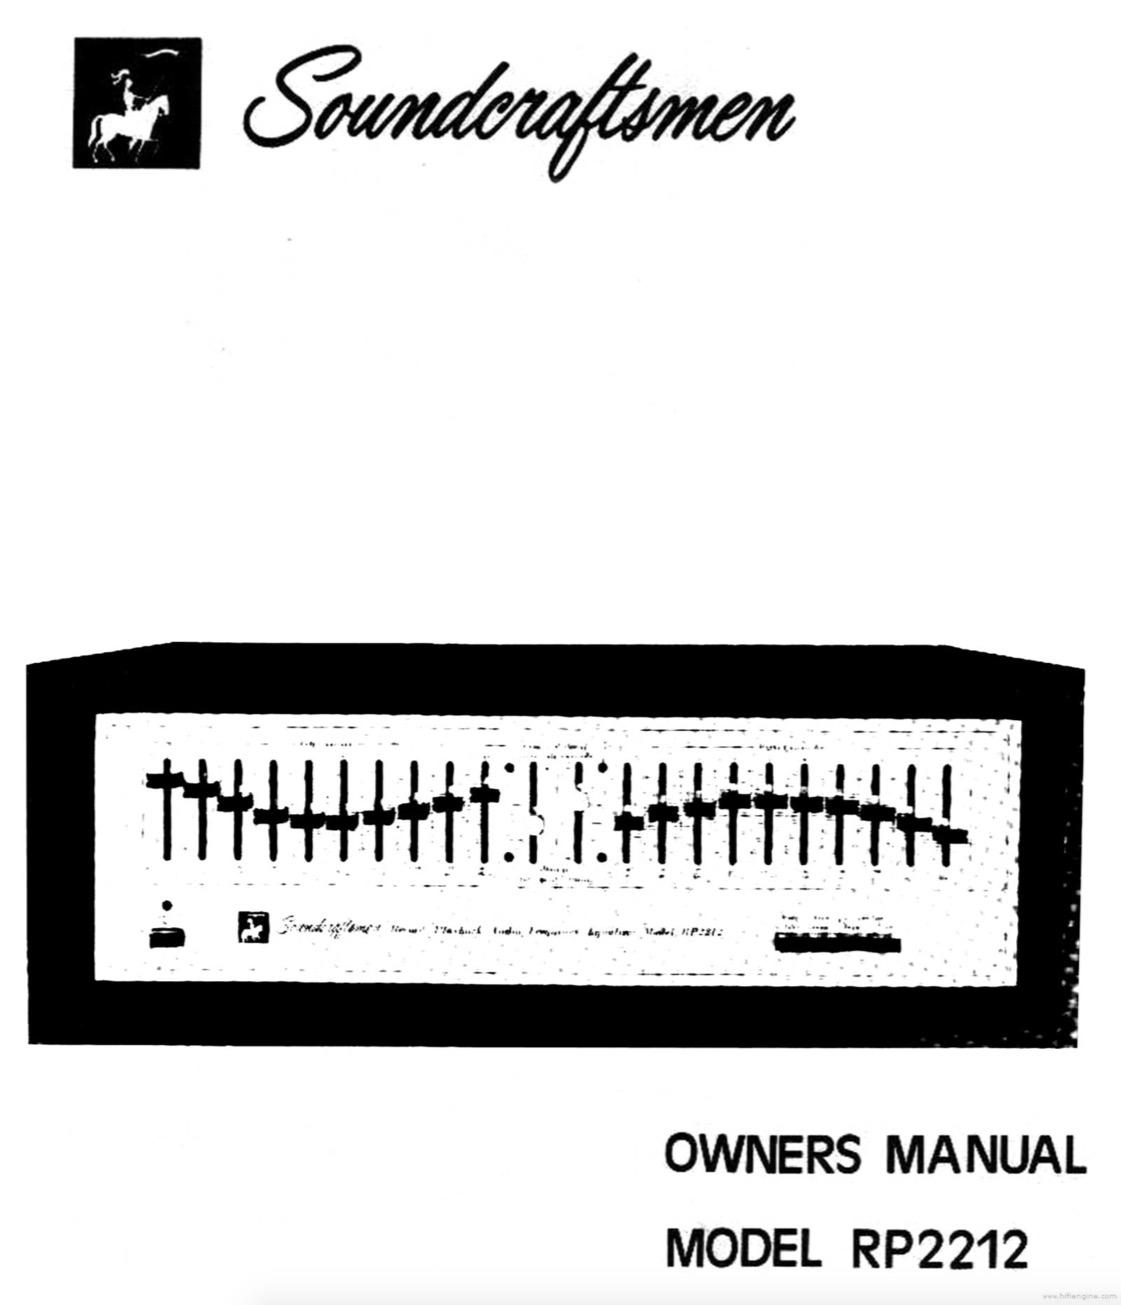 Infrequent Sound Tex Technology Soundcraftsmen